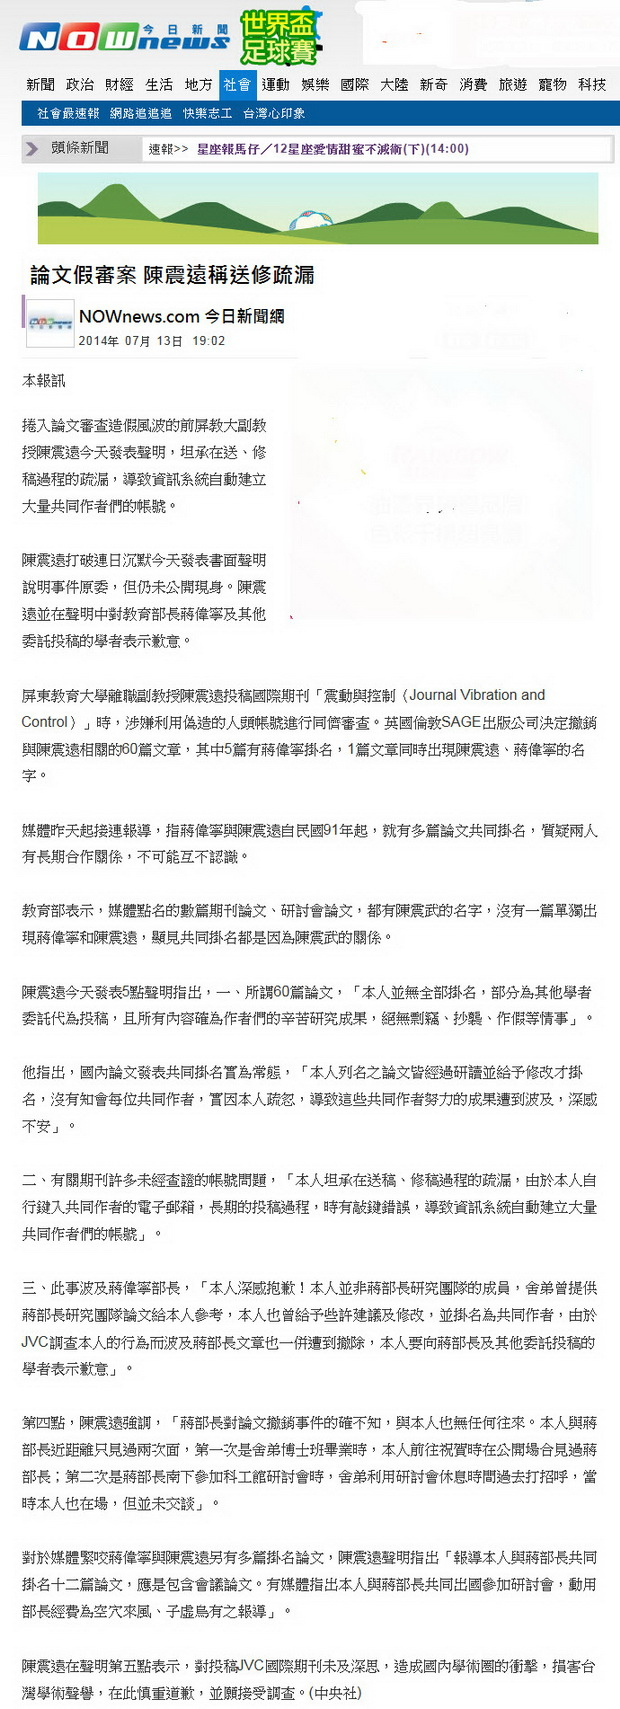 論文假審案 陳震遠稱送修疏漏-2014.07.13.jpg